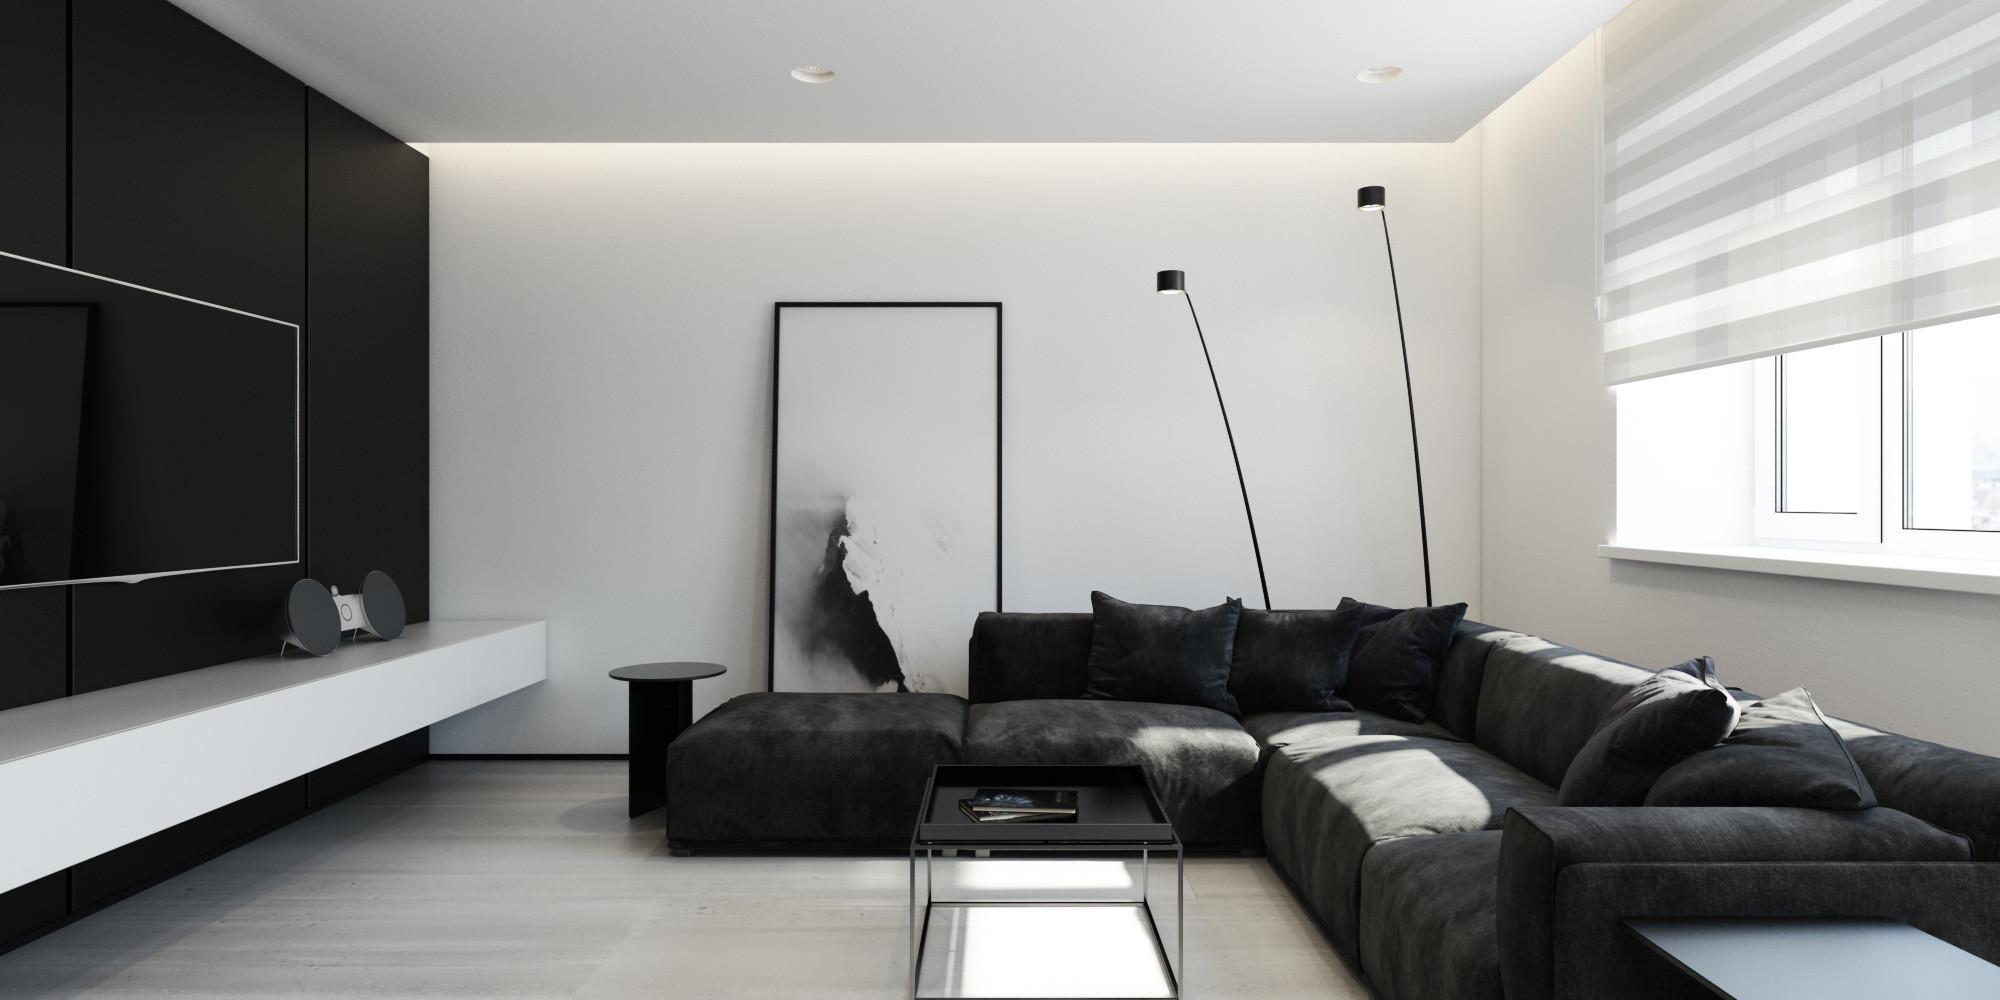 Свободная планировка в интерьере квартиры